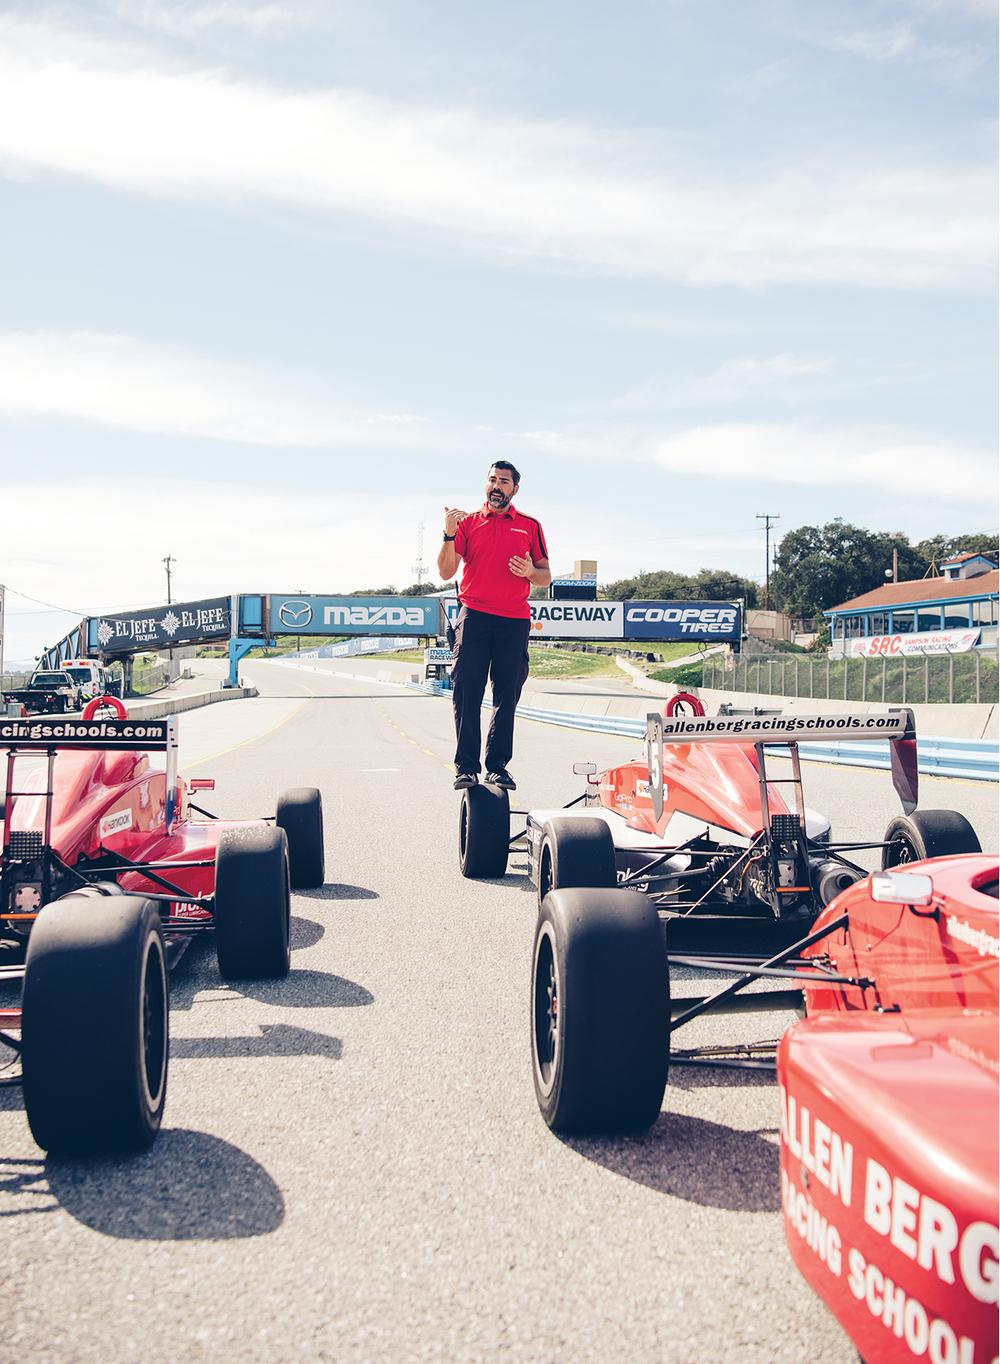 racingschool-021.jpg